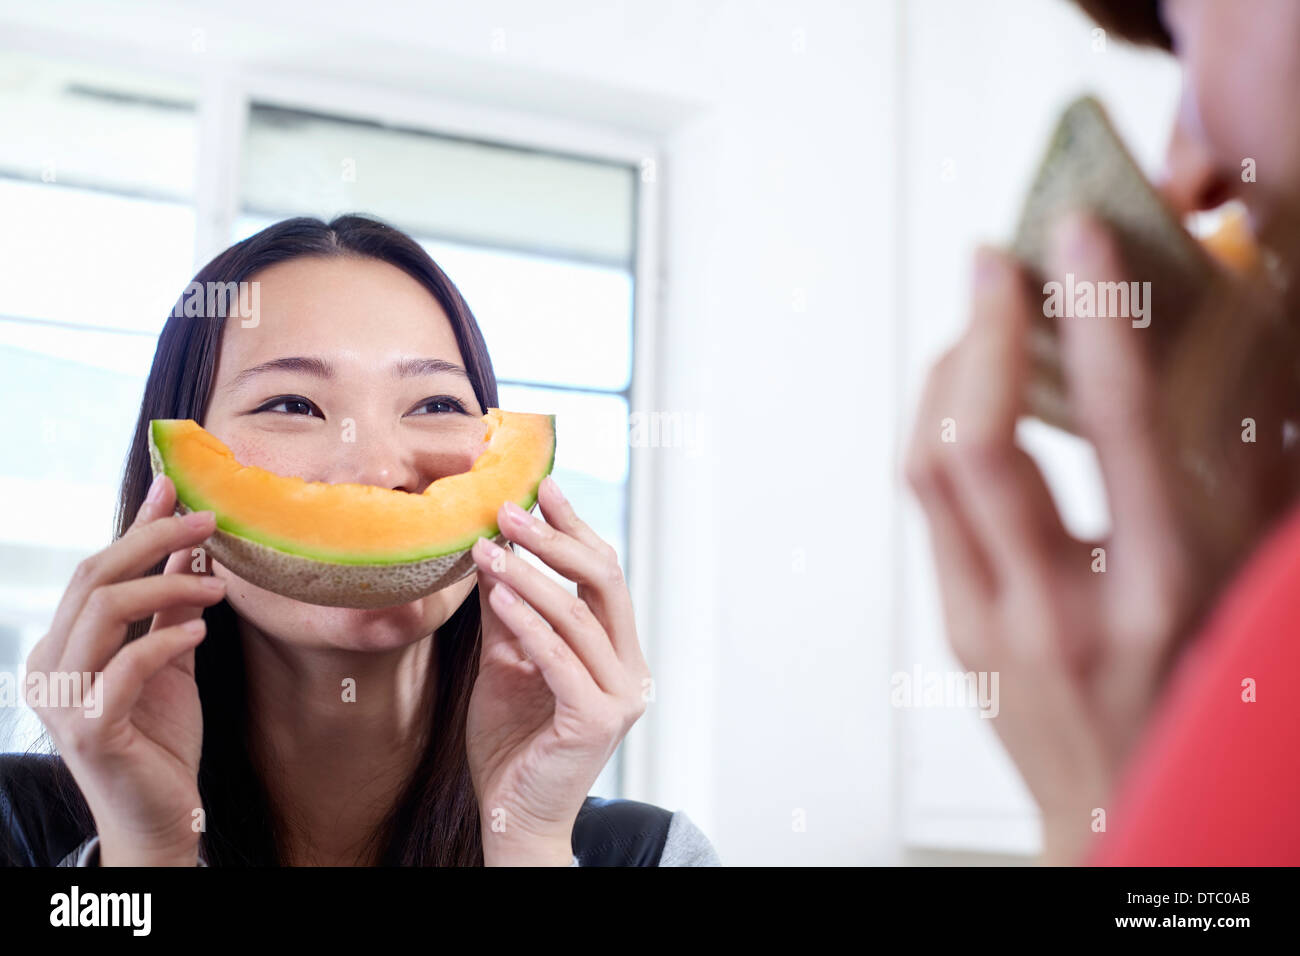 Dos jóvenes mujeres en la cocina con melón boca Imagen De Stock